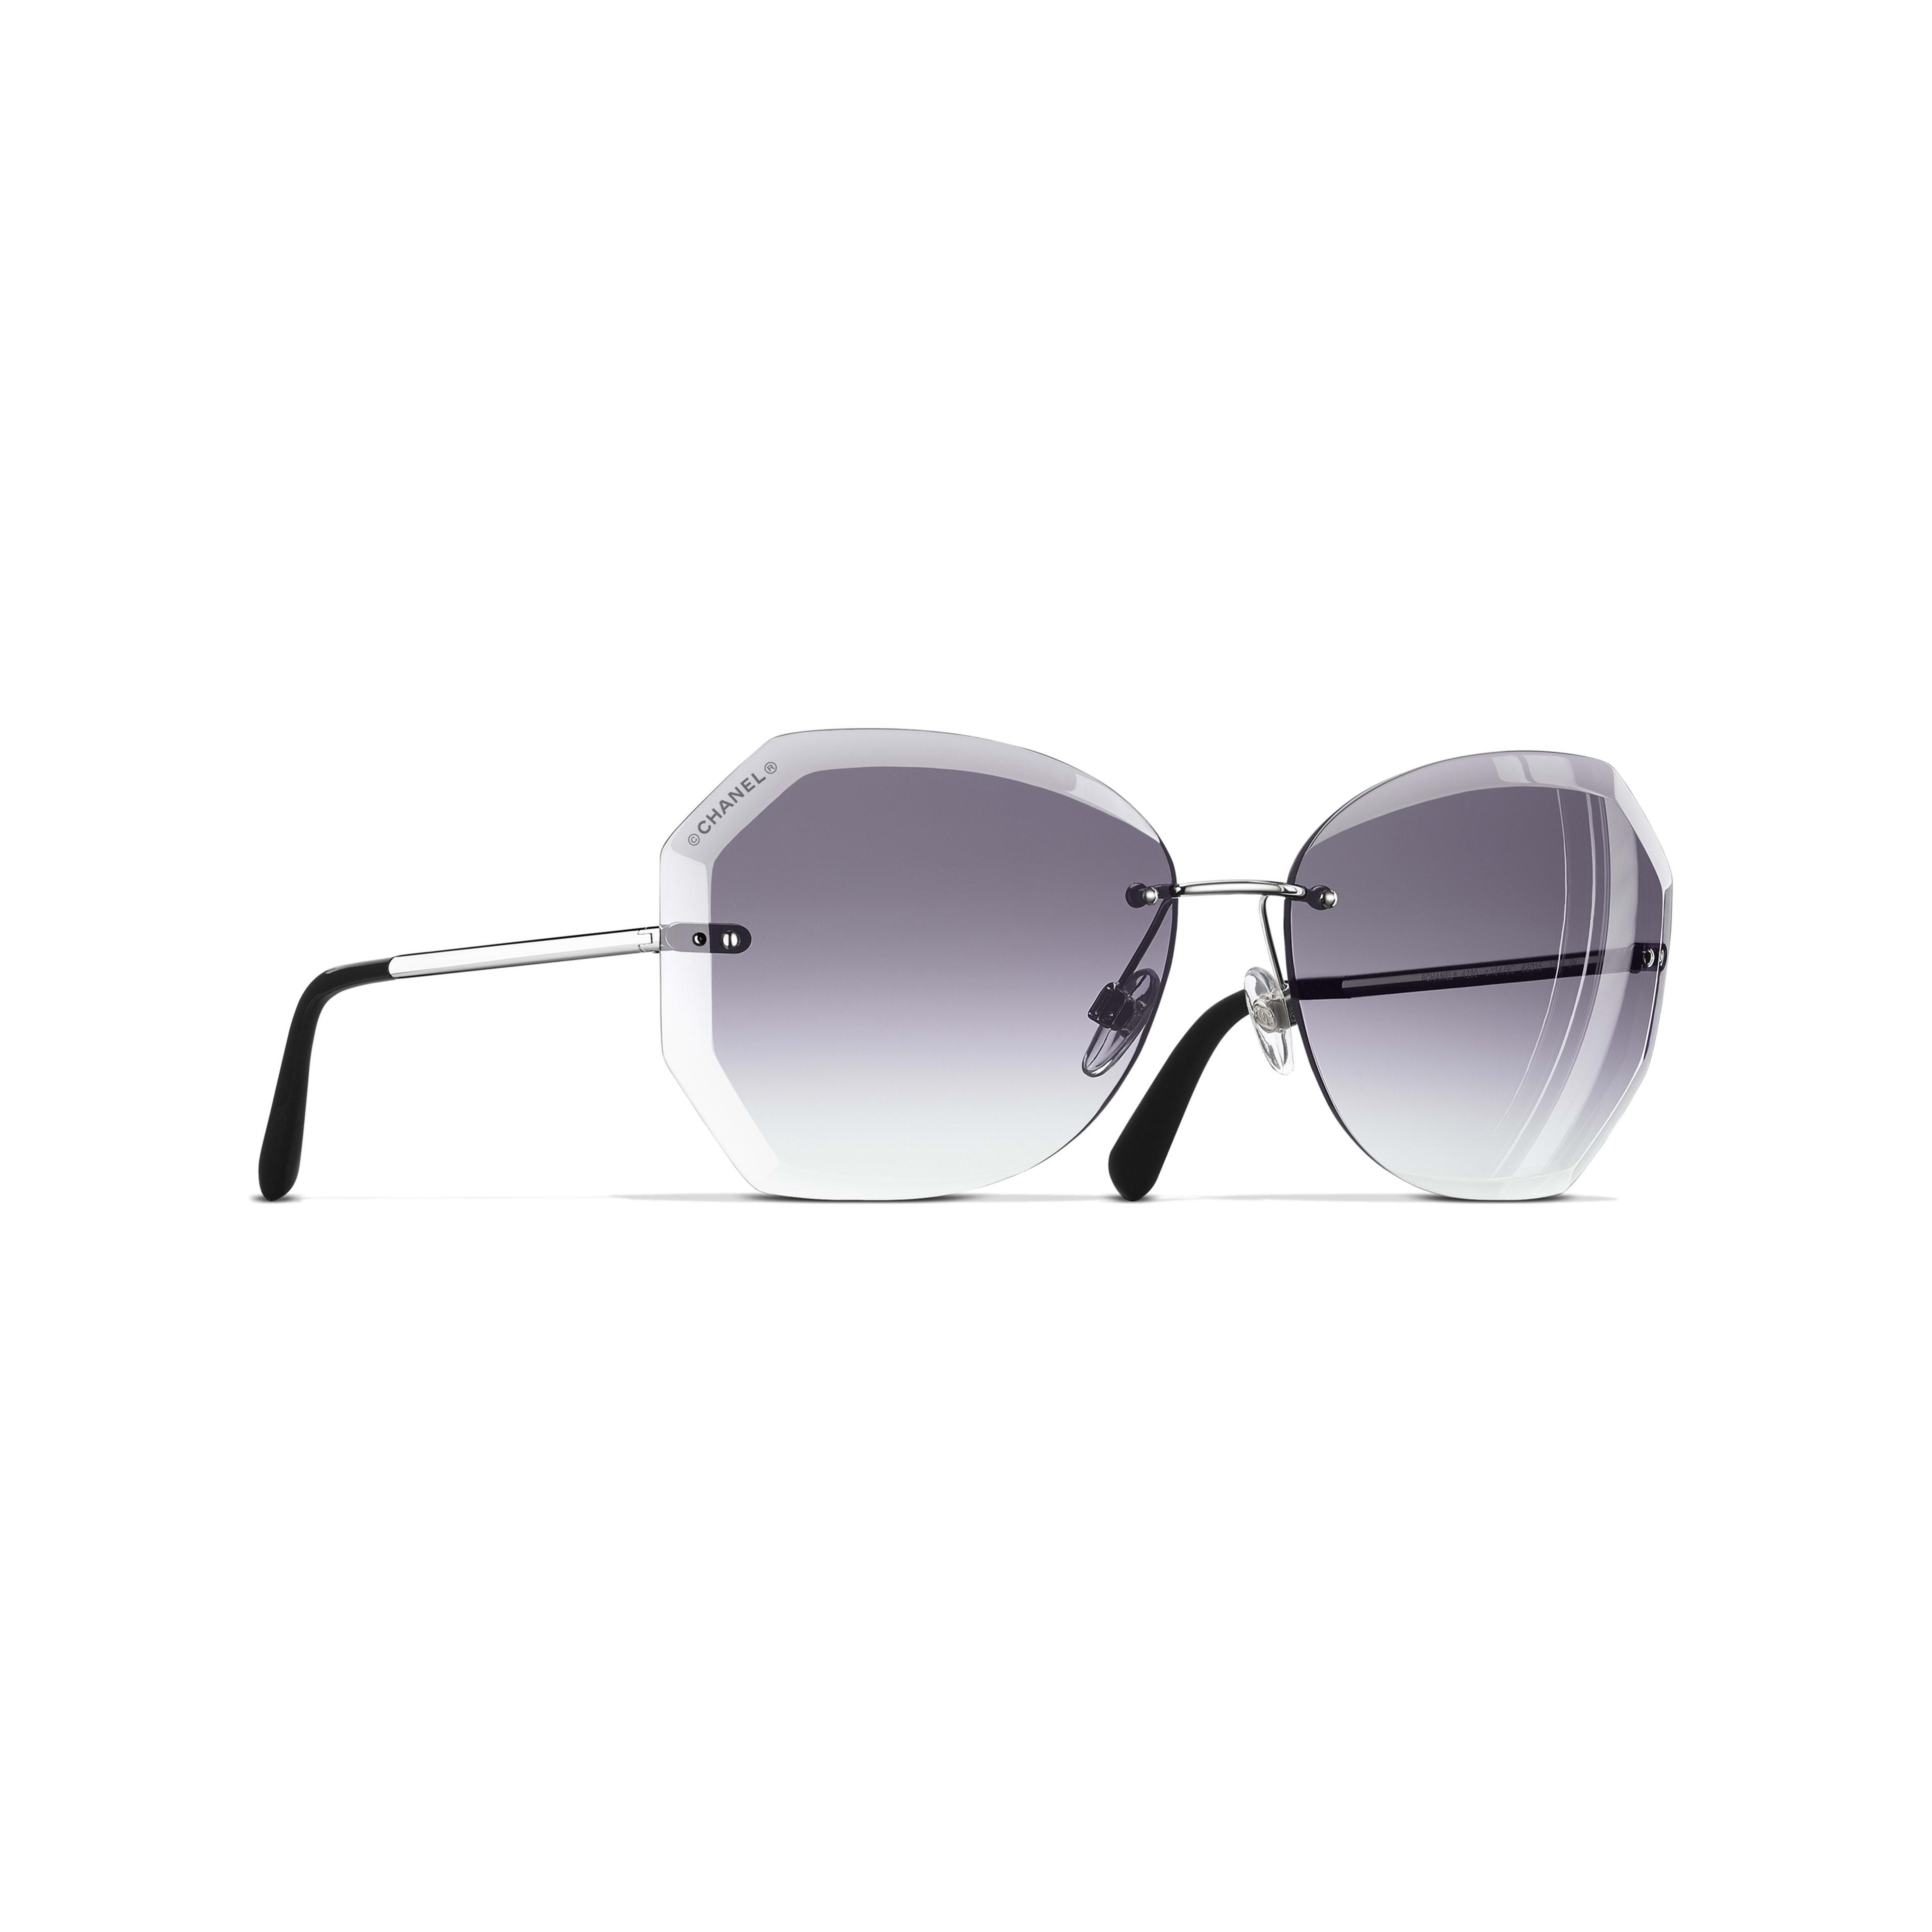 Солнцезащитные очки круглой формы - Серебристый и серый - Металл - Вид по умолчанию - посмотреть полноразмерное изображение